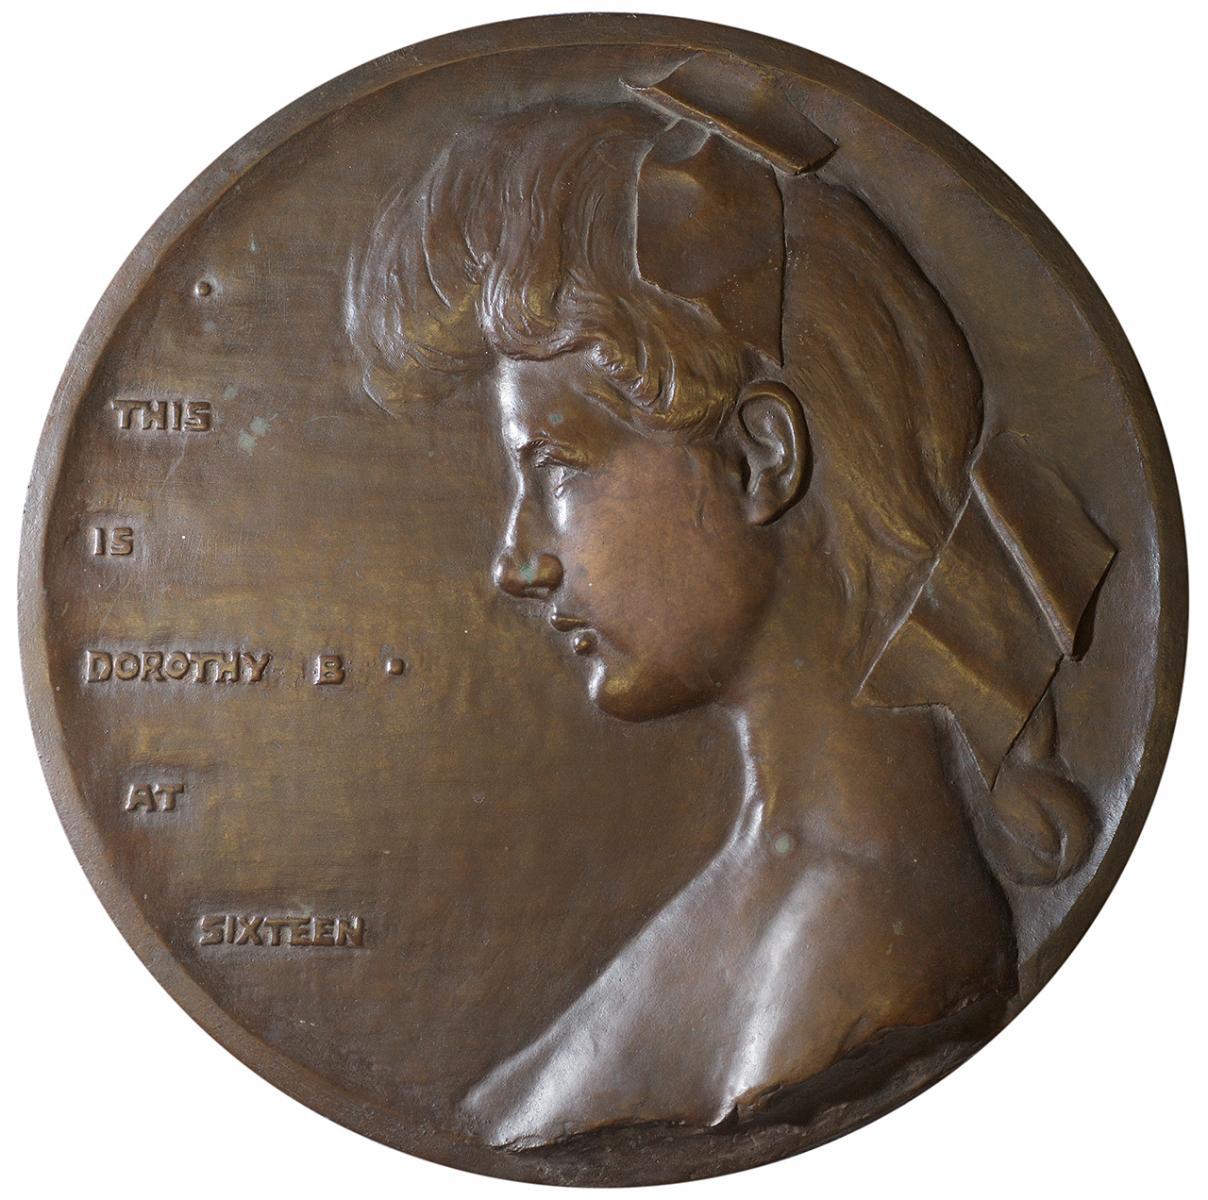 détail d'un portrait de femme en bas-relief